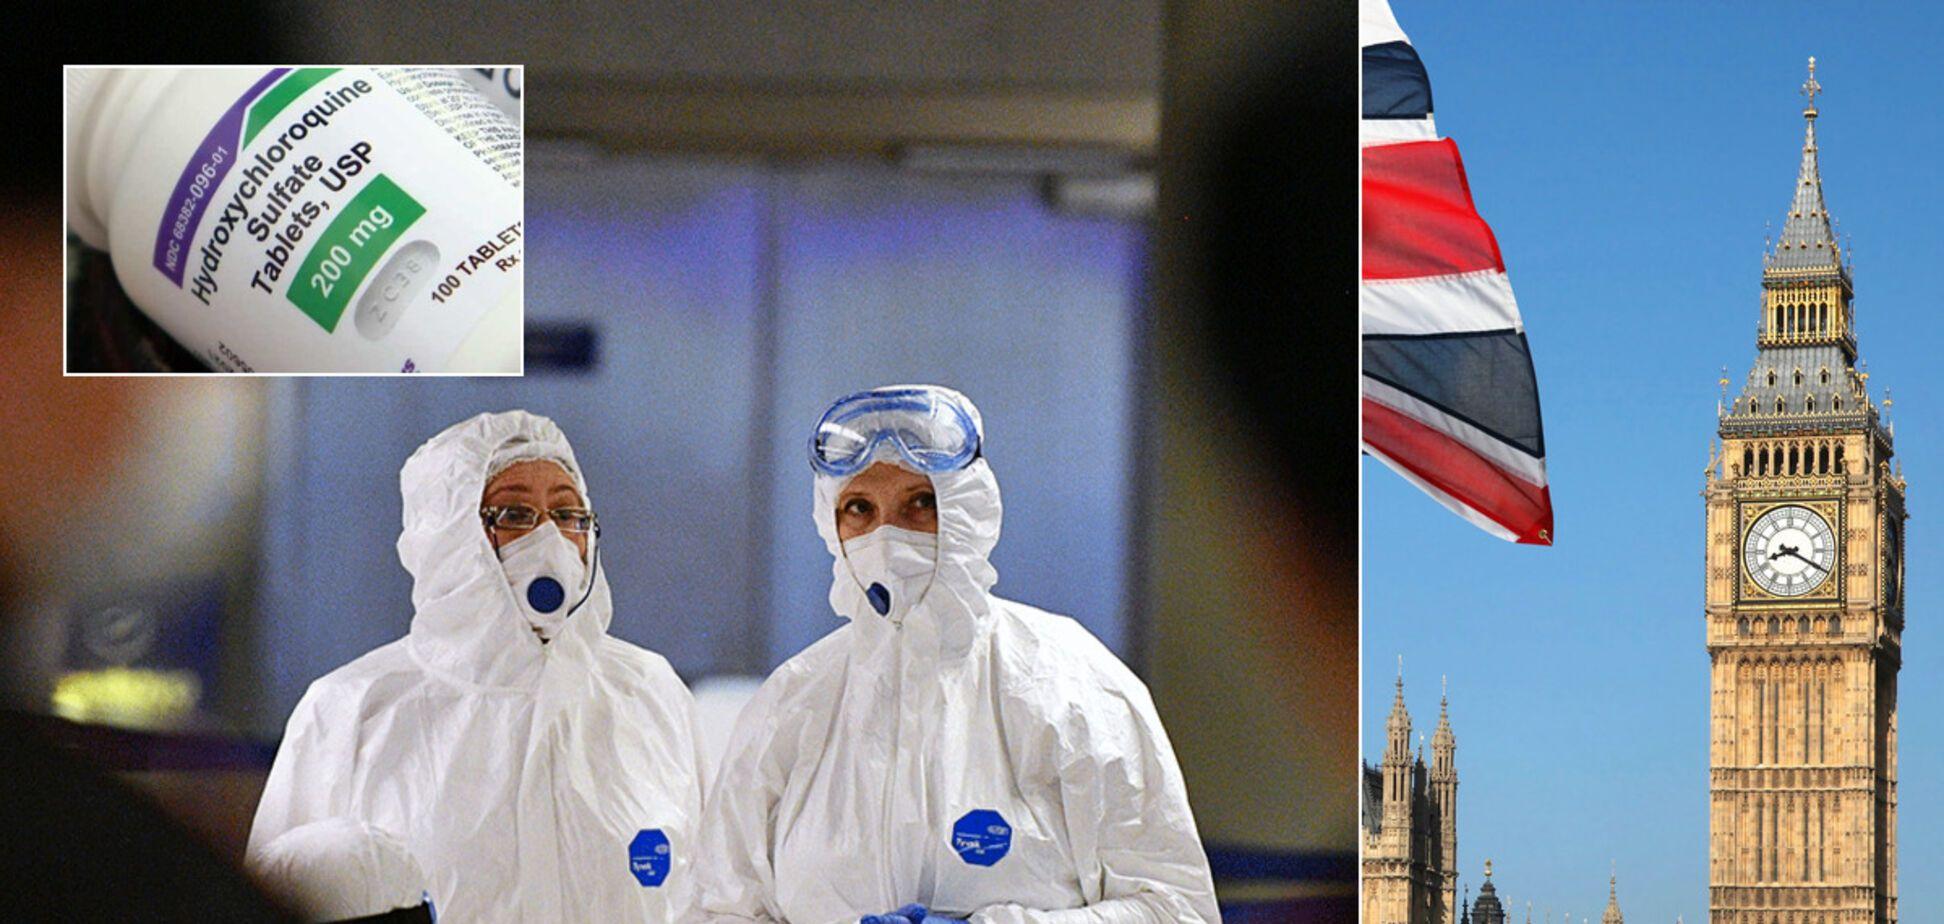 В Британии решили возобновить клинические испытания гидроксихлорохина, который считался опасным